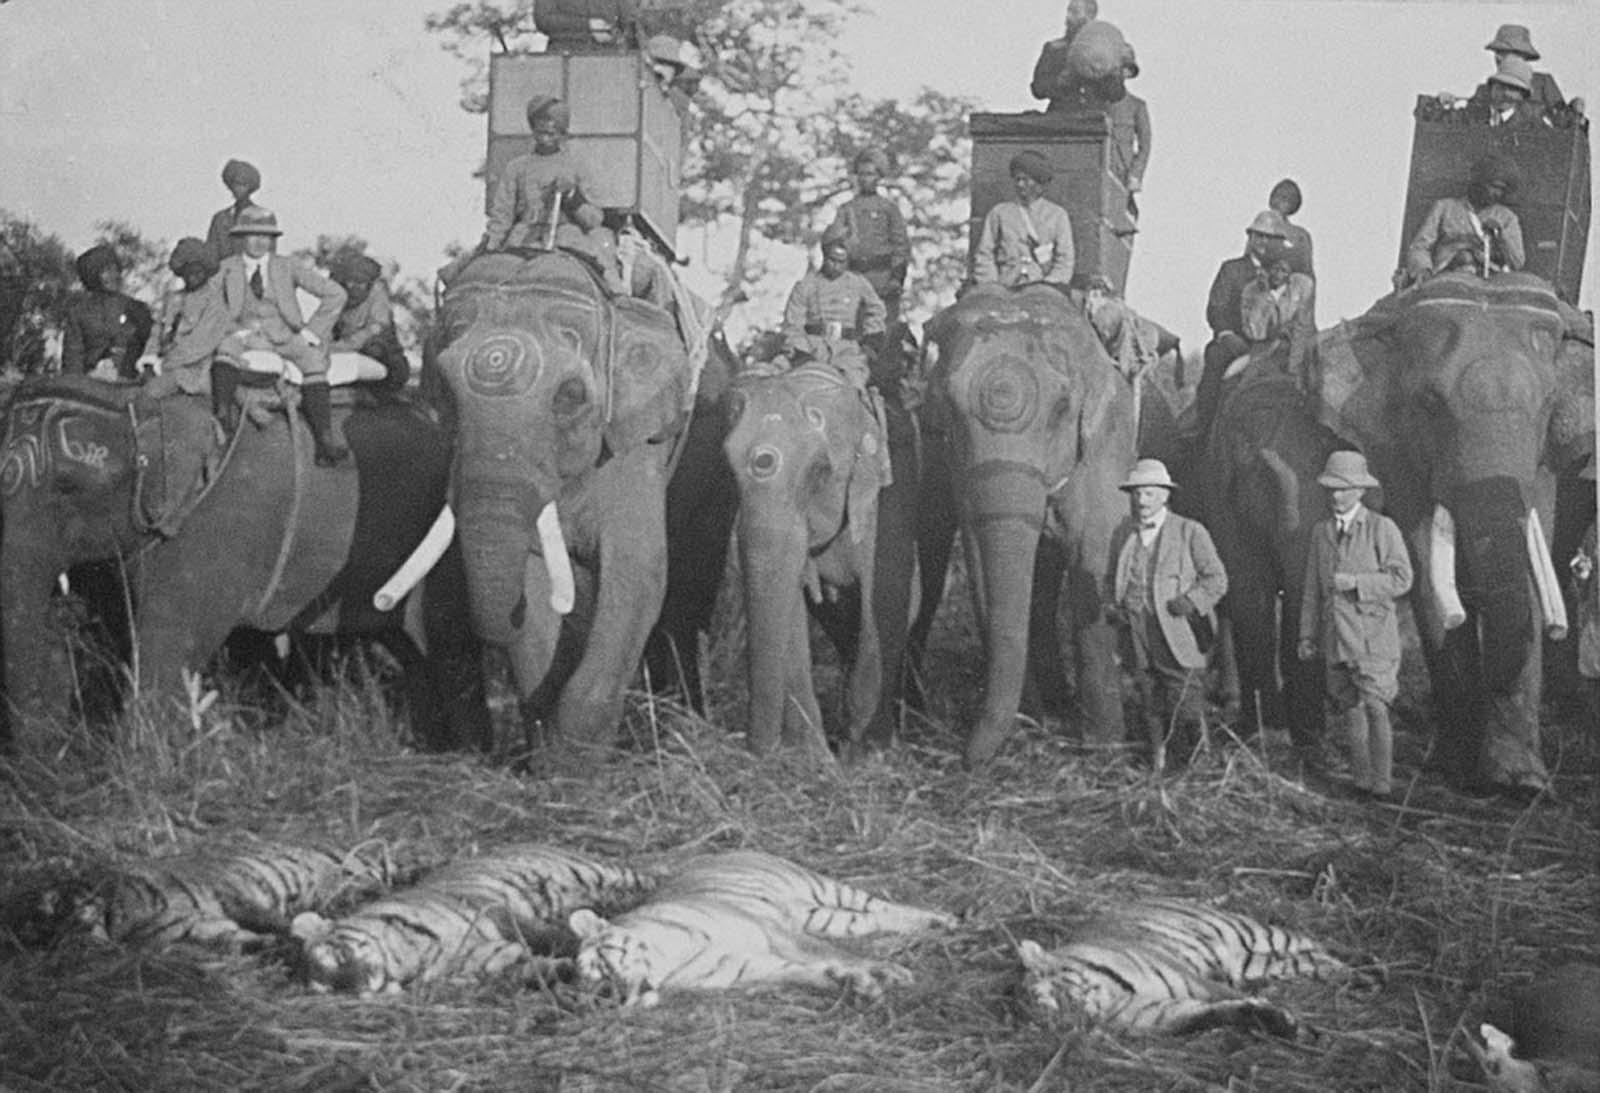 Em 1911 a realeza britânica foi à Índia para ser coroada e aproveitou para caçar 26